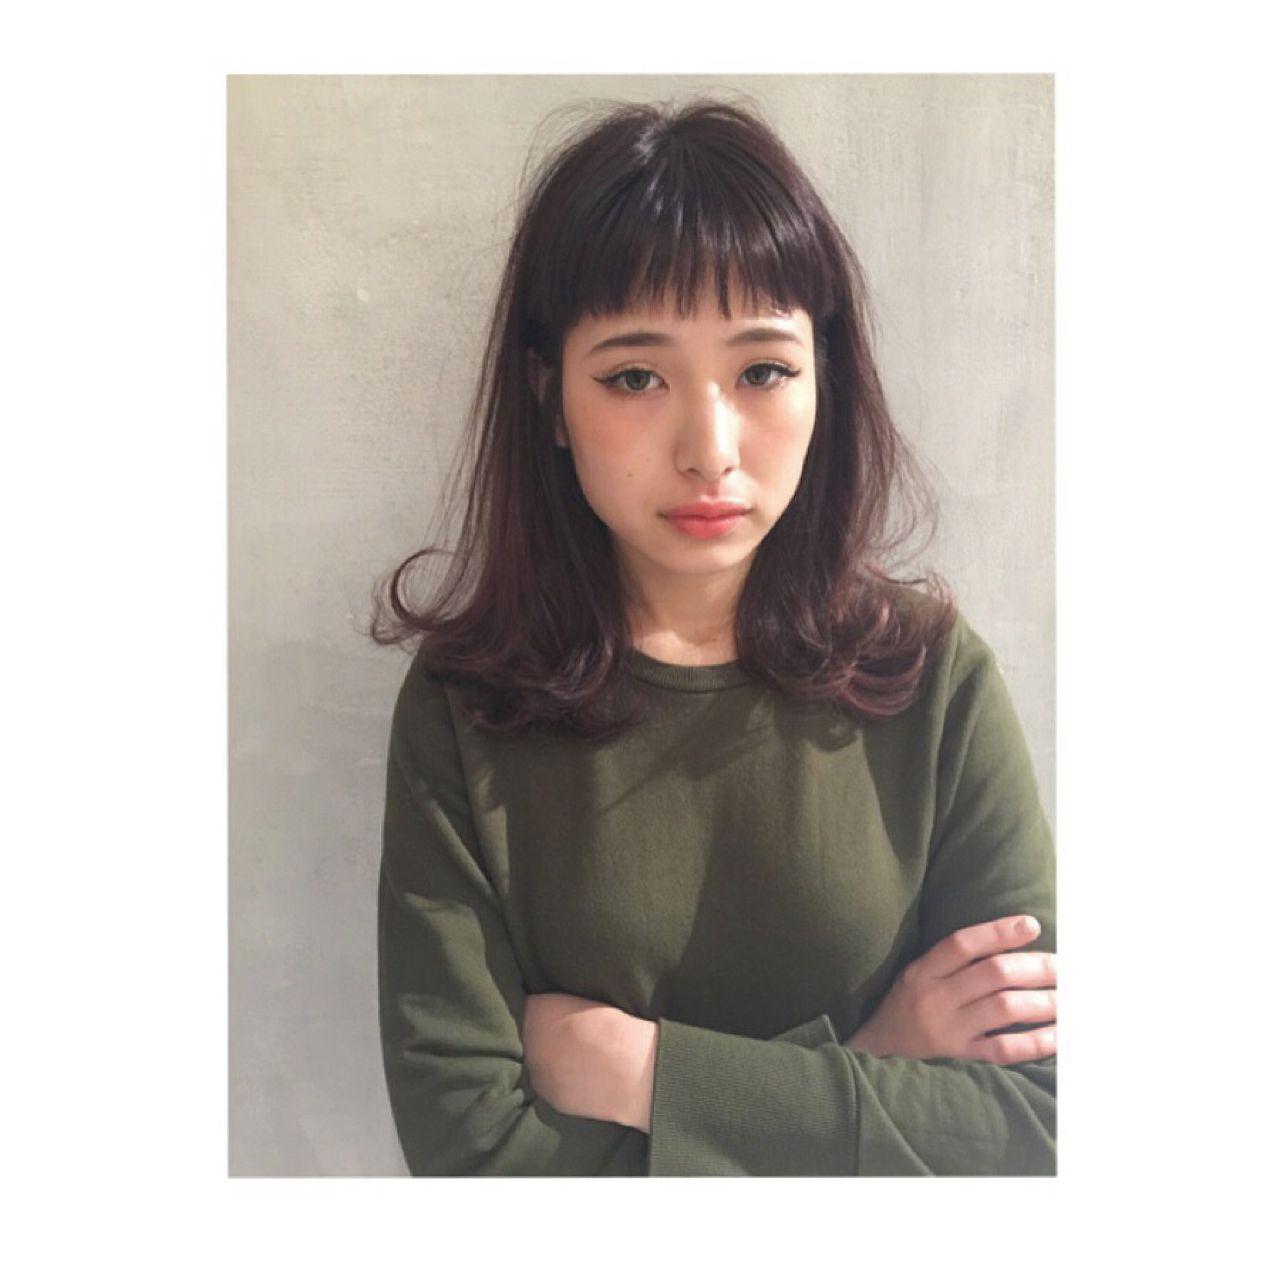 春 モード セミロング パンク ヘアスタイルや髪型の写真・画像 | Nobu / ALBUM